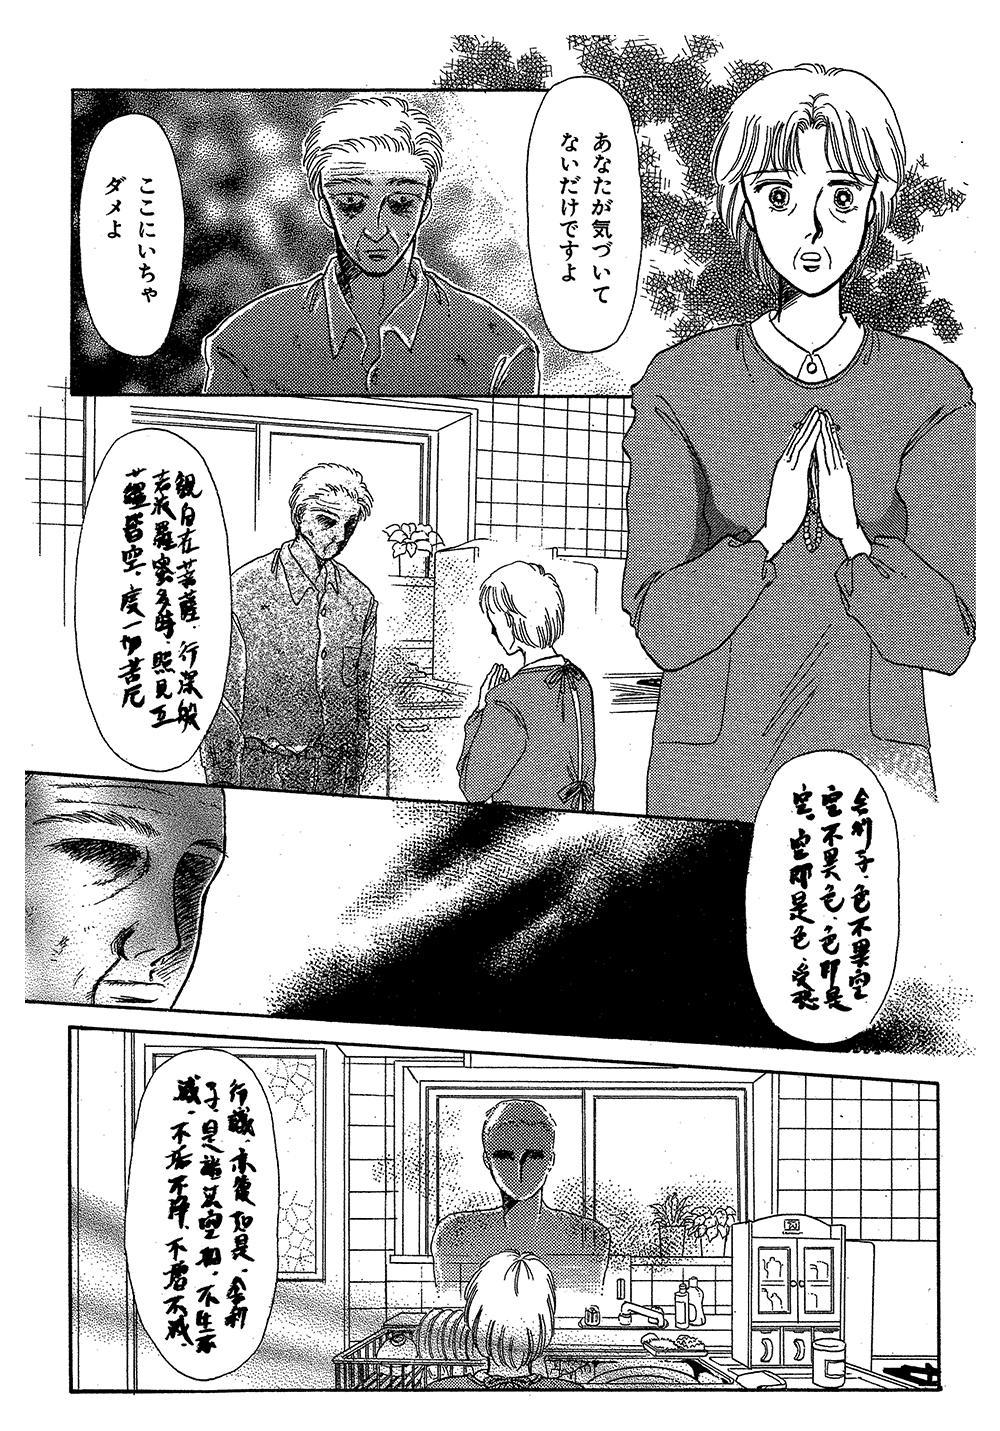 霊感ママシリーズ 第1話「花の陰影」③reikan23.jpg